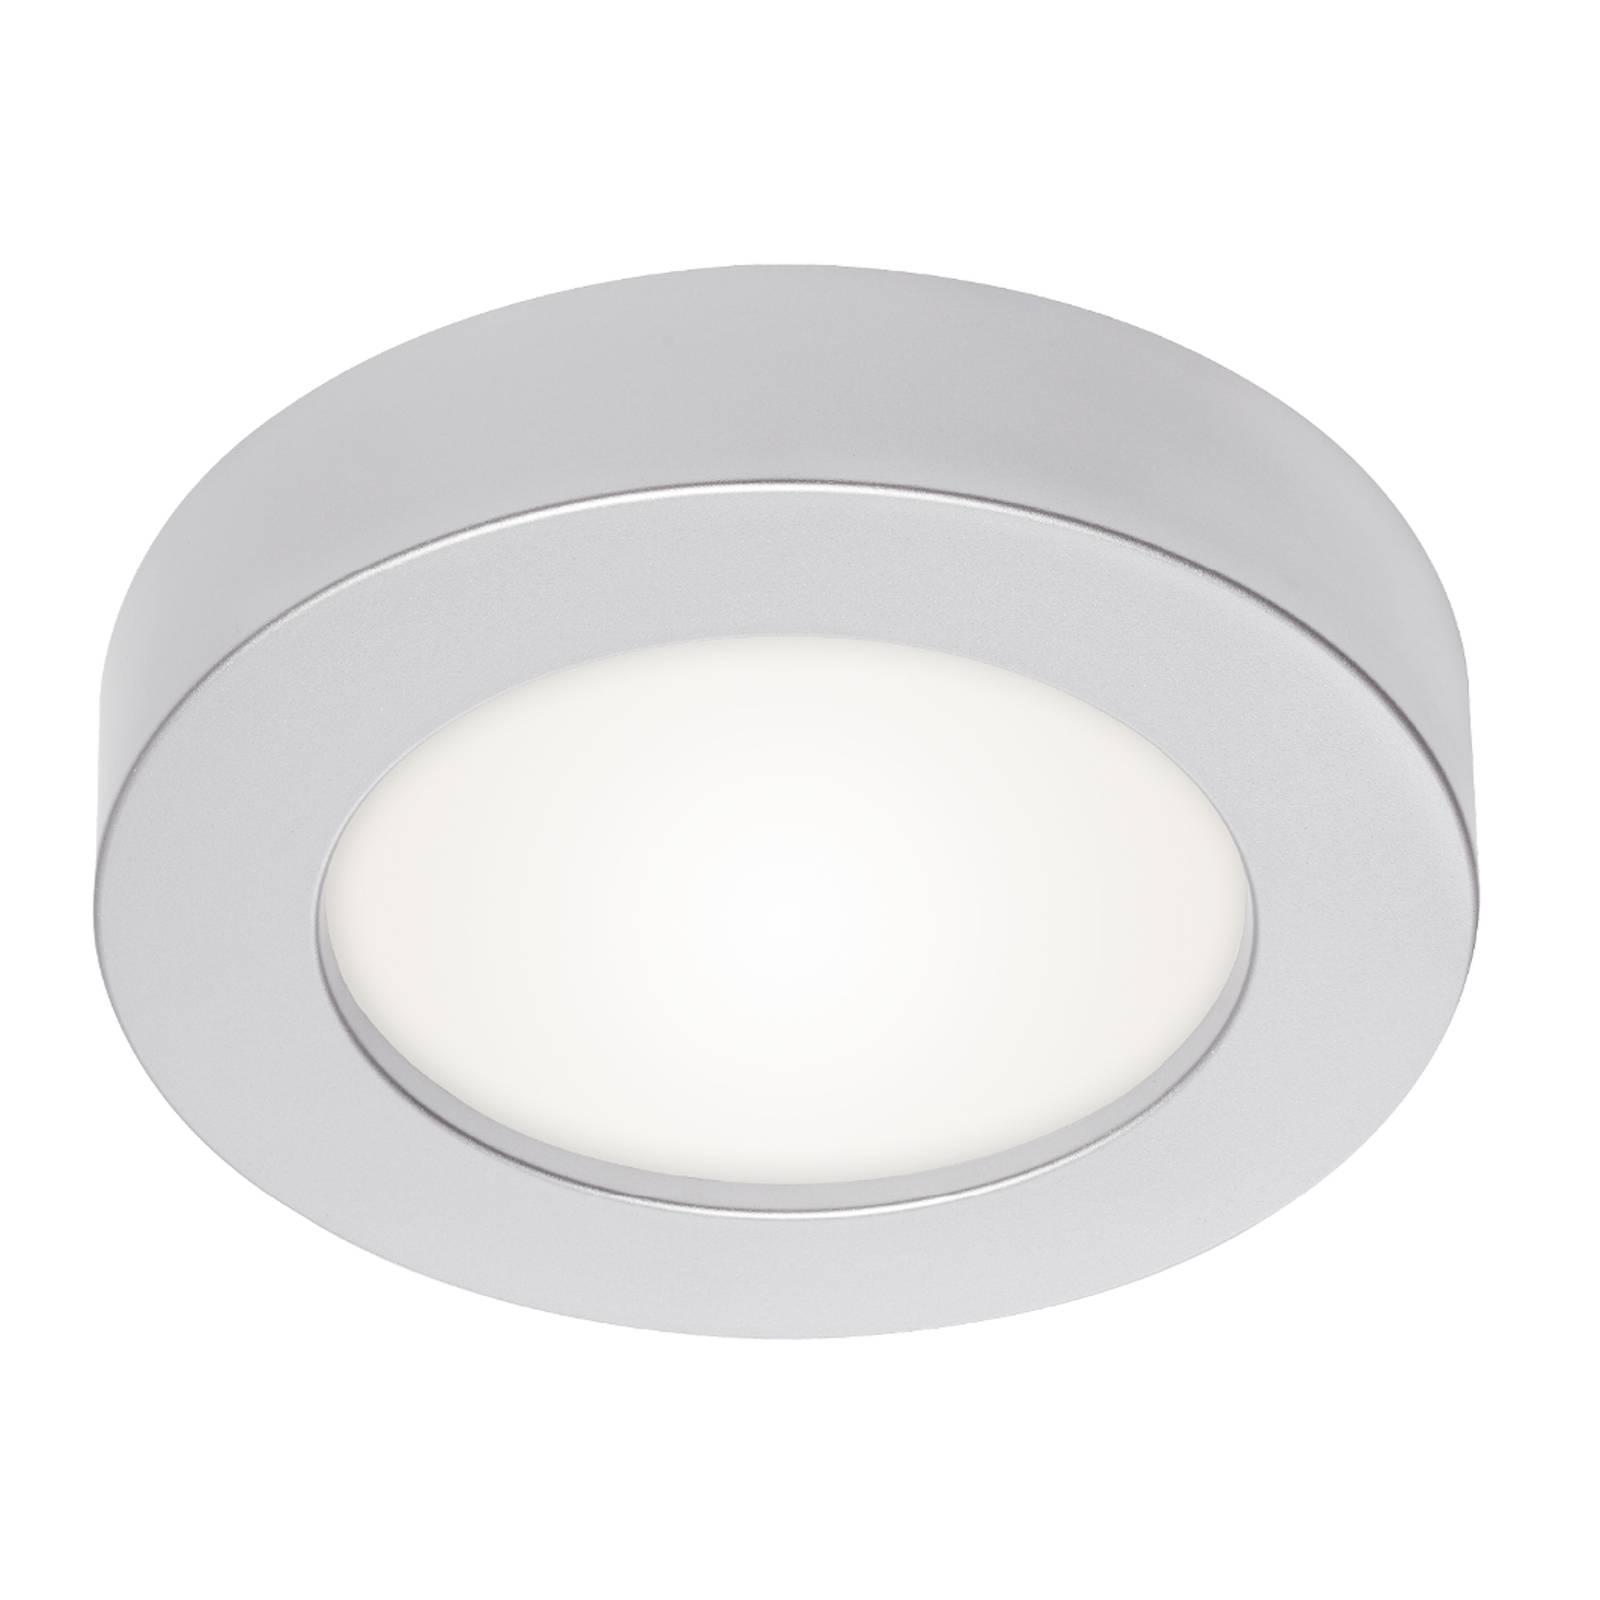 Prios Edwina -LED-kattovalaisin, hopea, 22,6 cm